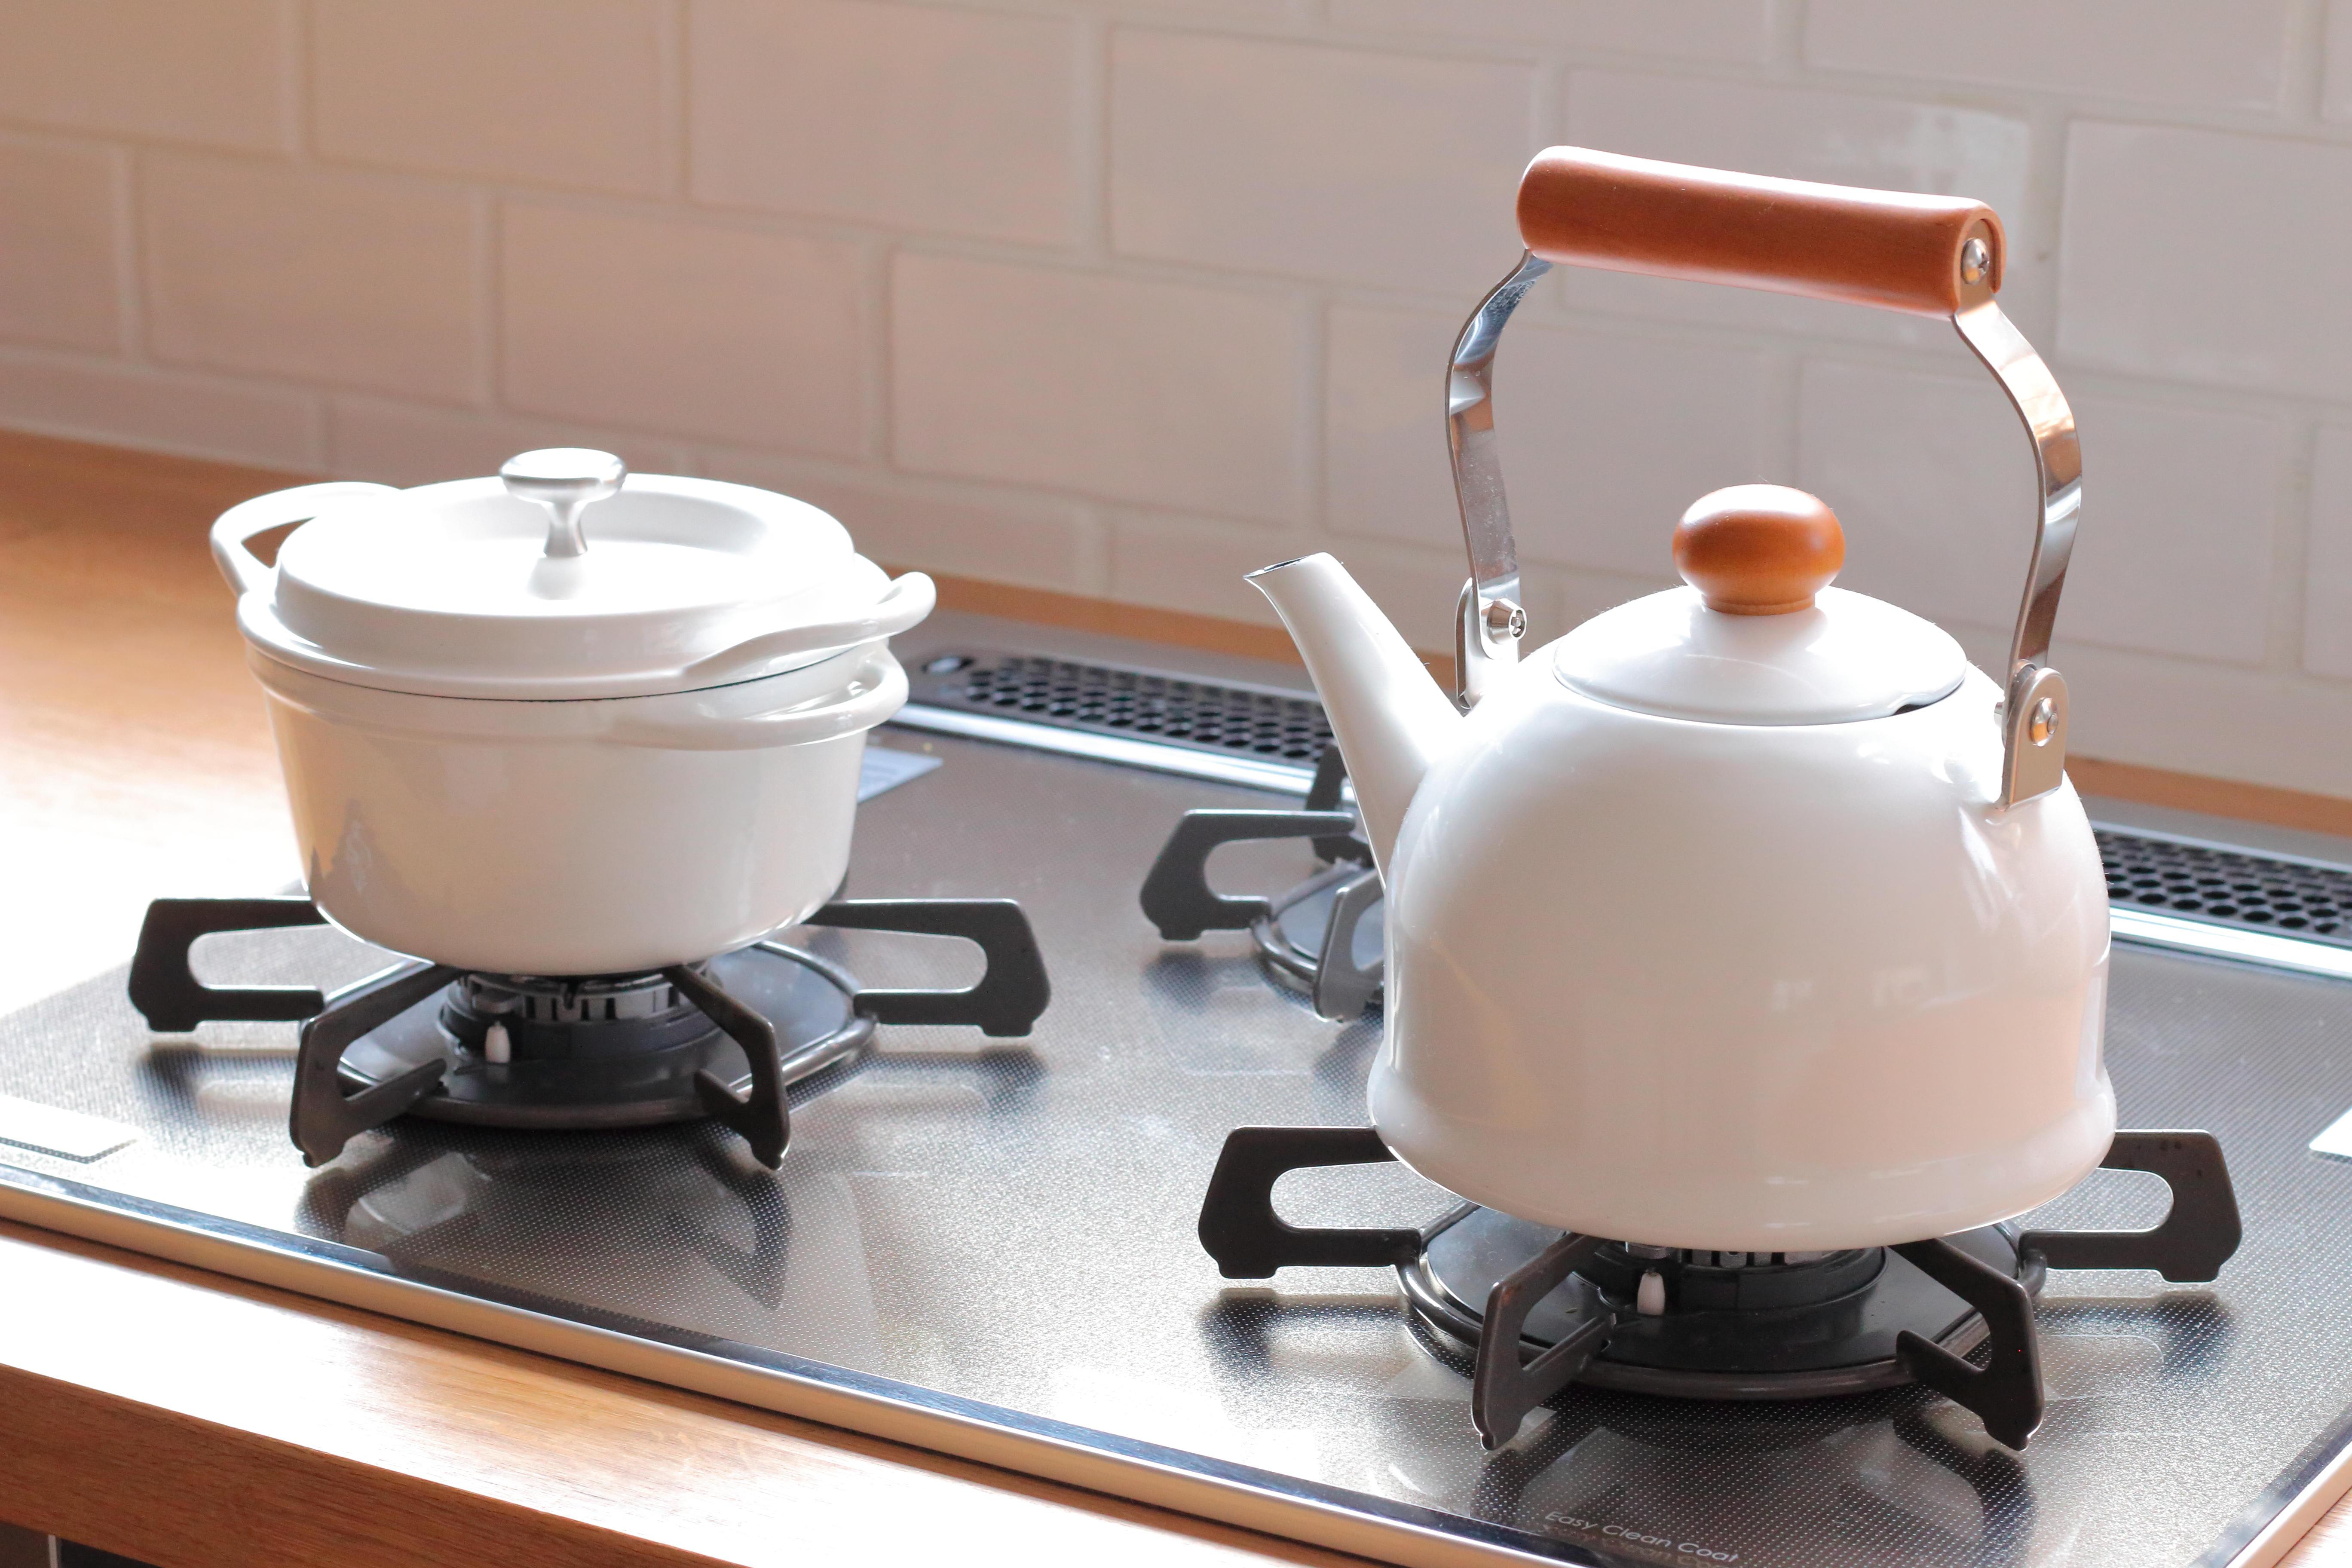 marimoさんのアトリエはカフェのようなキッチン。心地よく癒やされる空間にするために色にこだわっています。彼女の愛用は白のケトル。